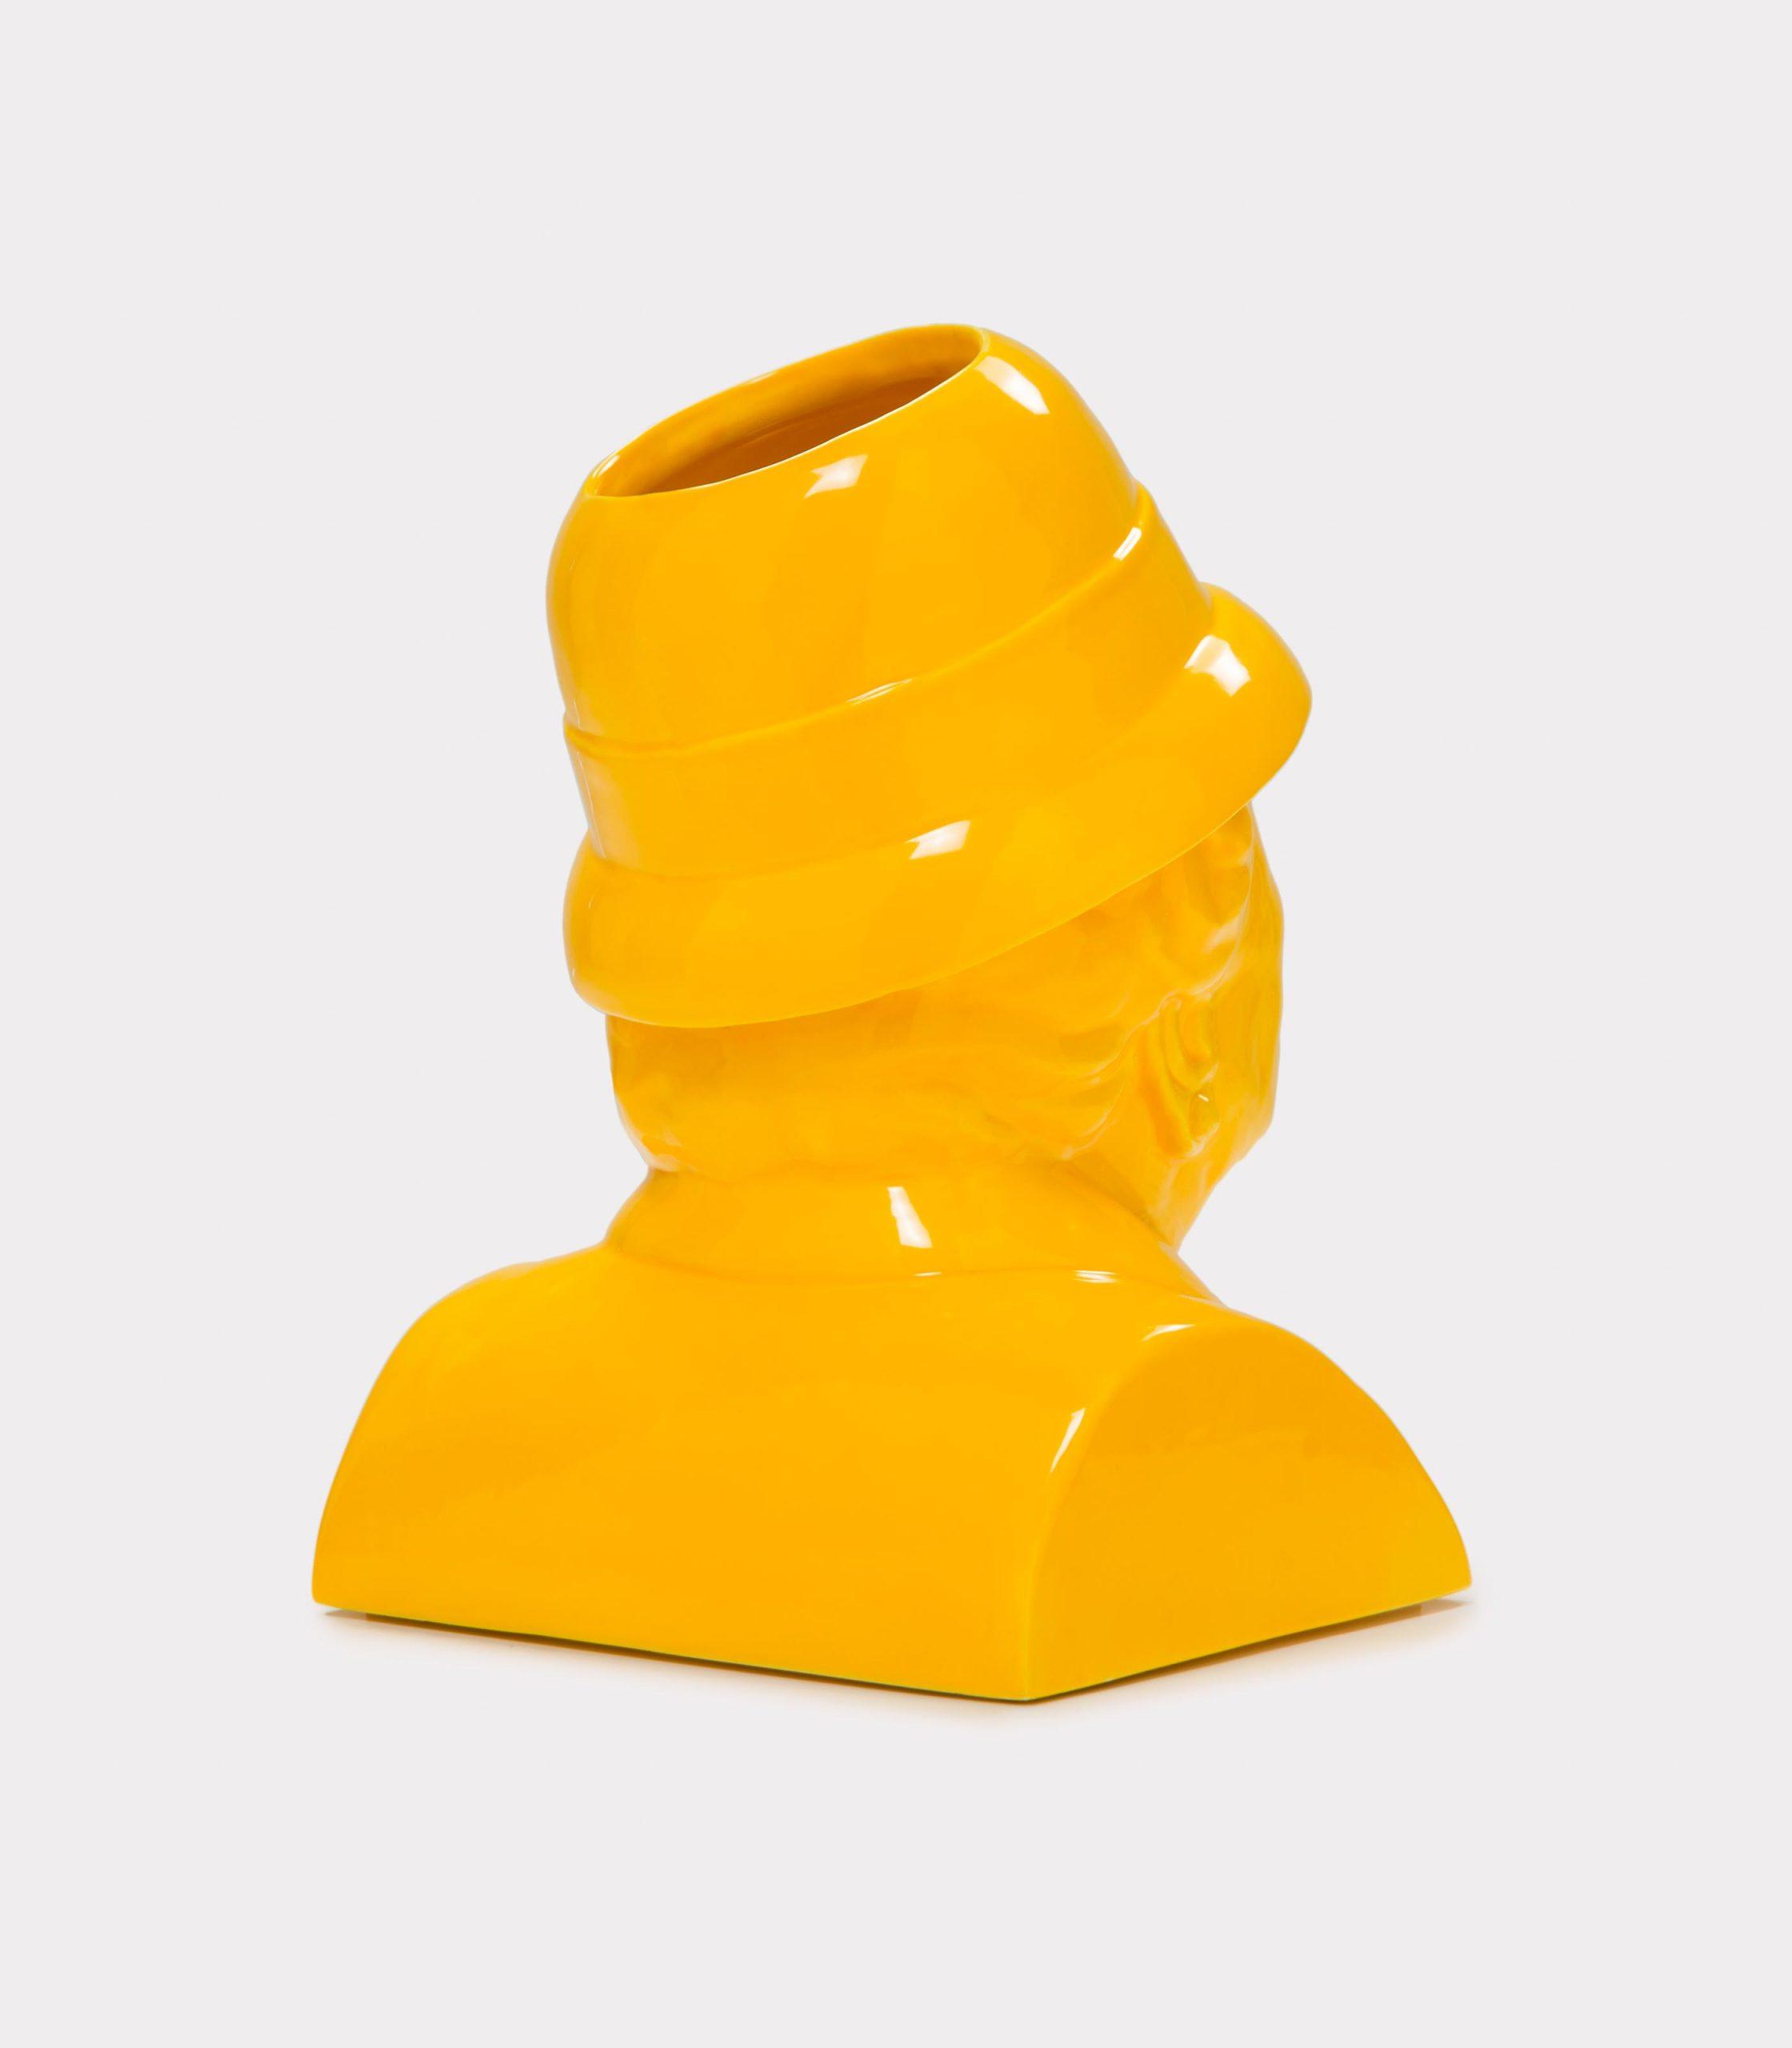 La Gisella giallo loopo milano design R